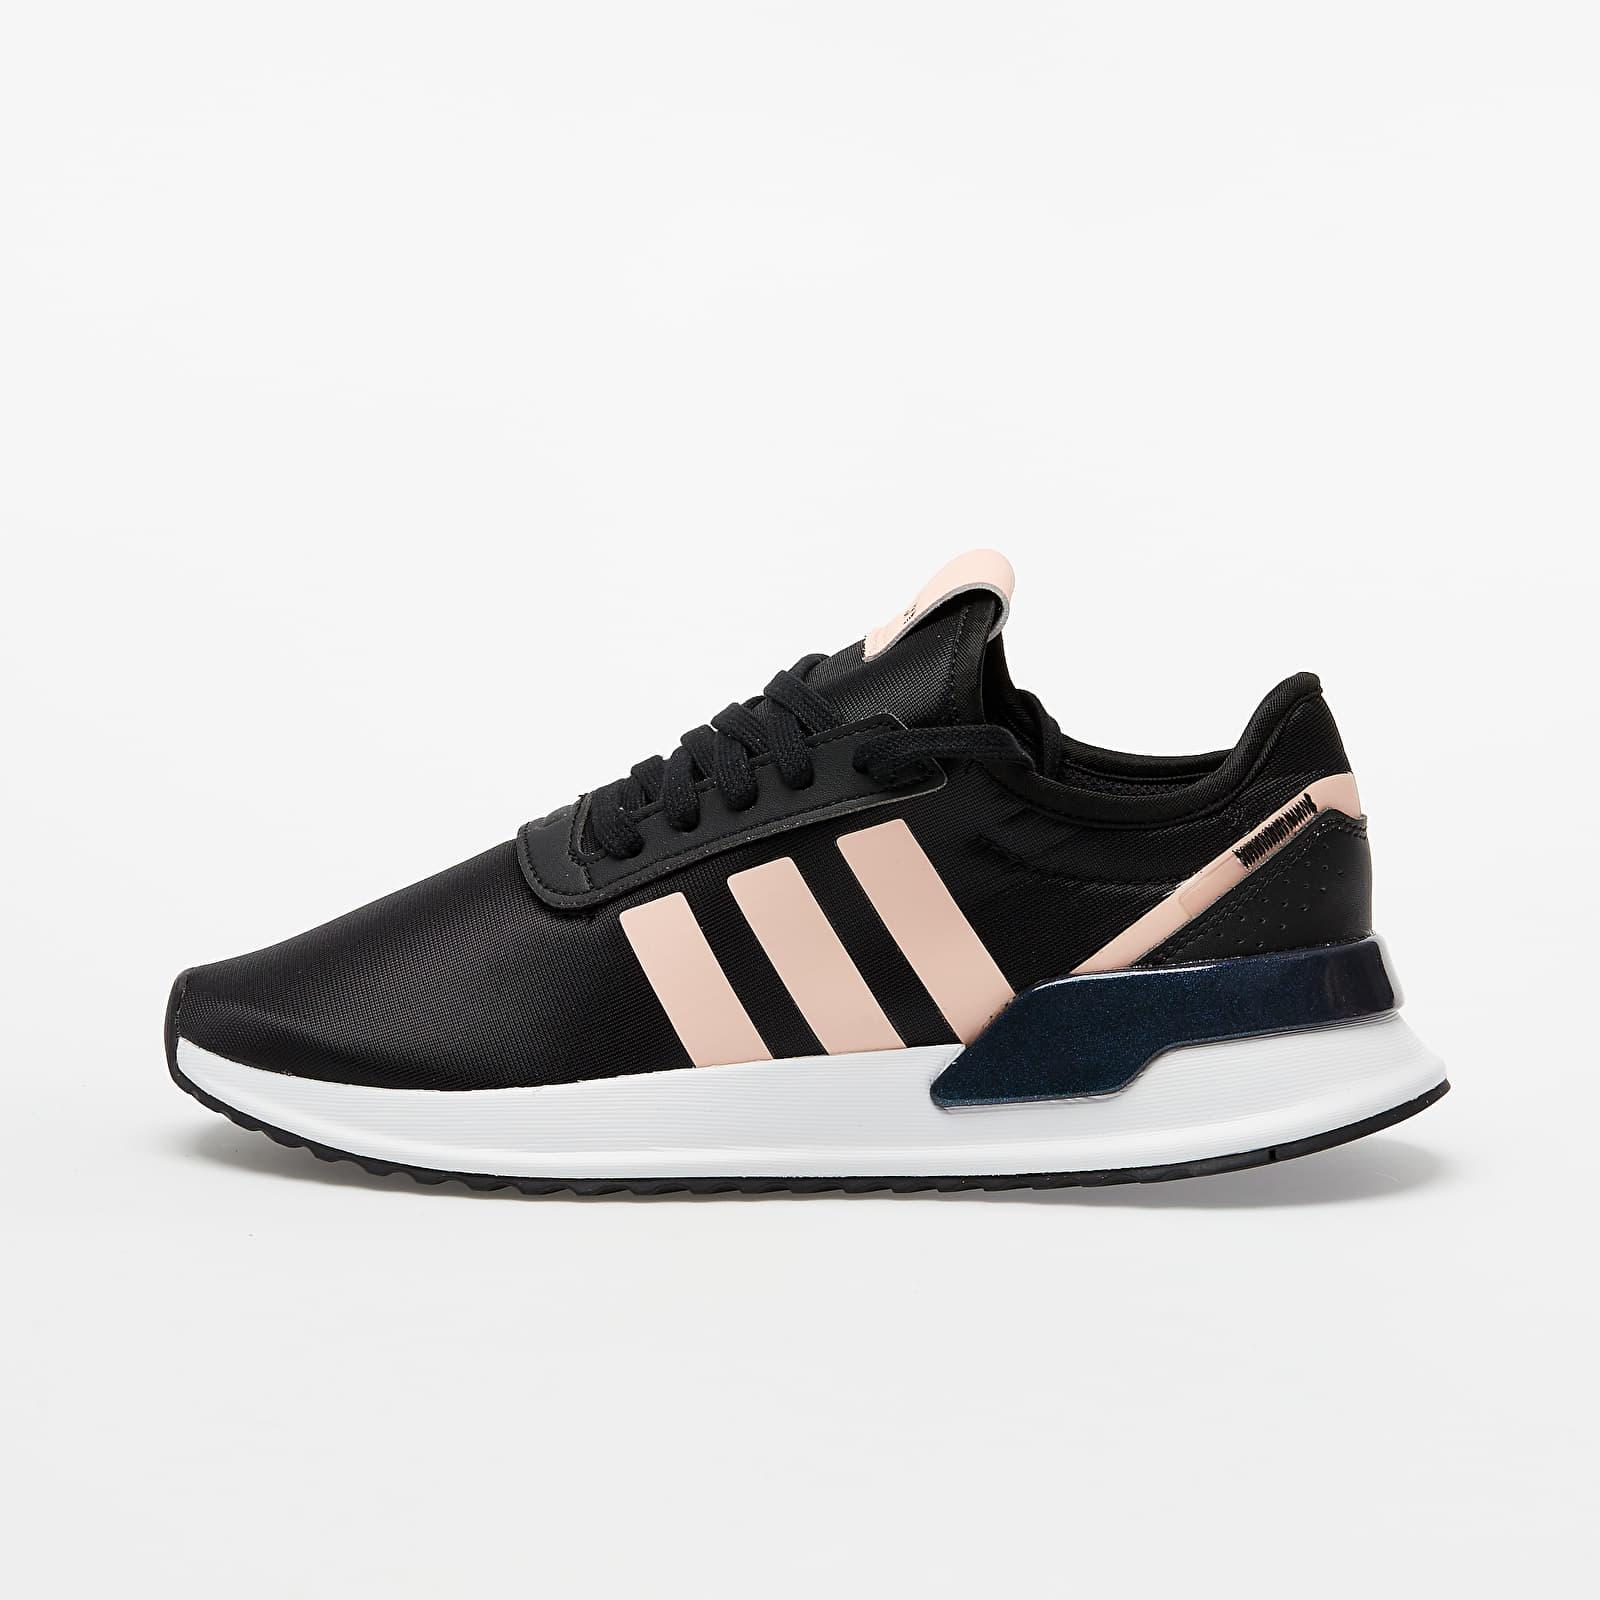 adidas U_Path X W Core Black/ Core Black/ Haze Coral EUR 38